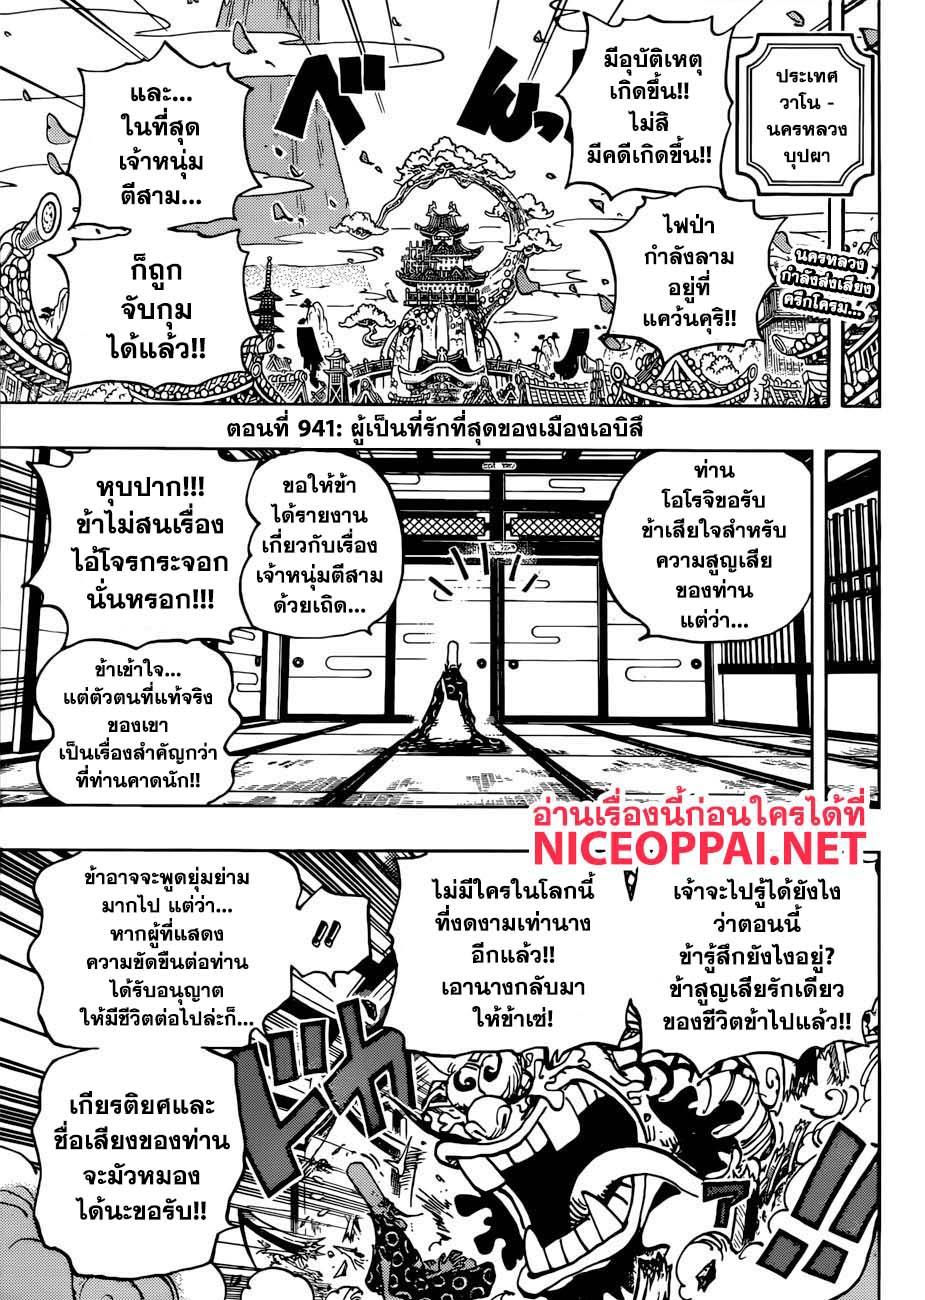 อ่านการ์ตูน One Piece ตอนที่ 941 หน้าที่ 3